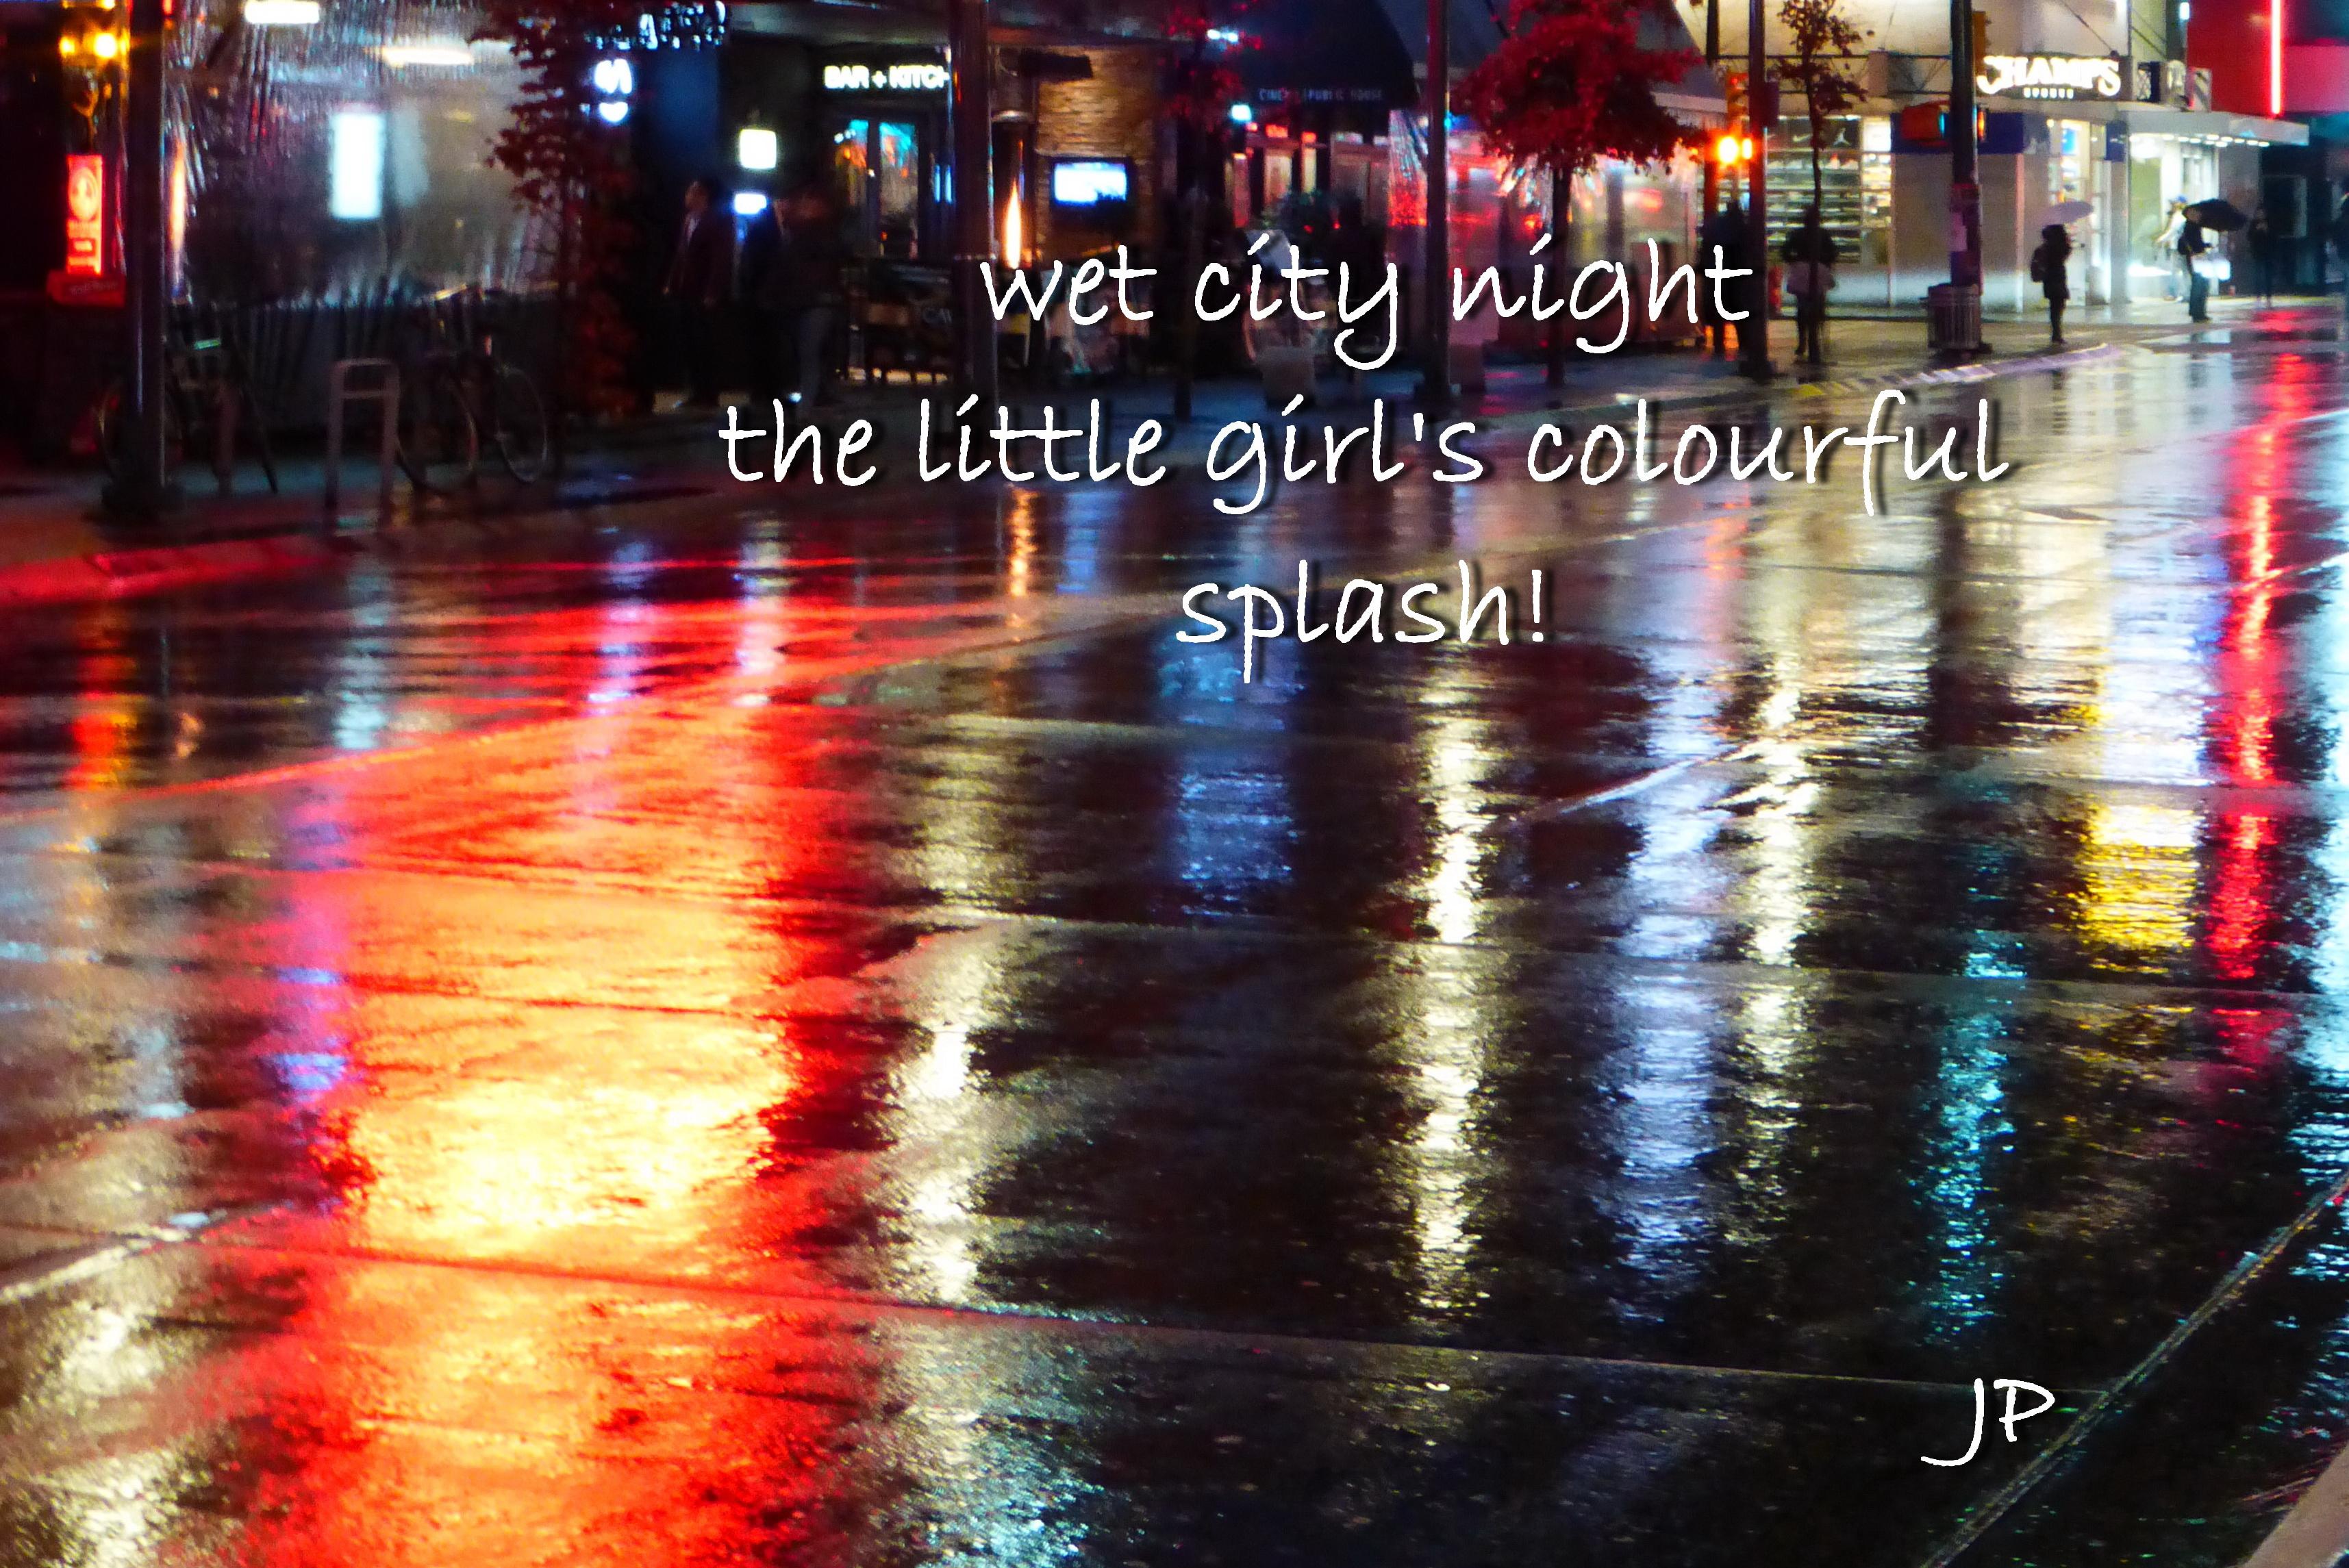 wet city(2).jpg